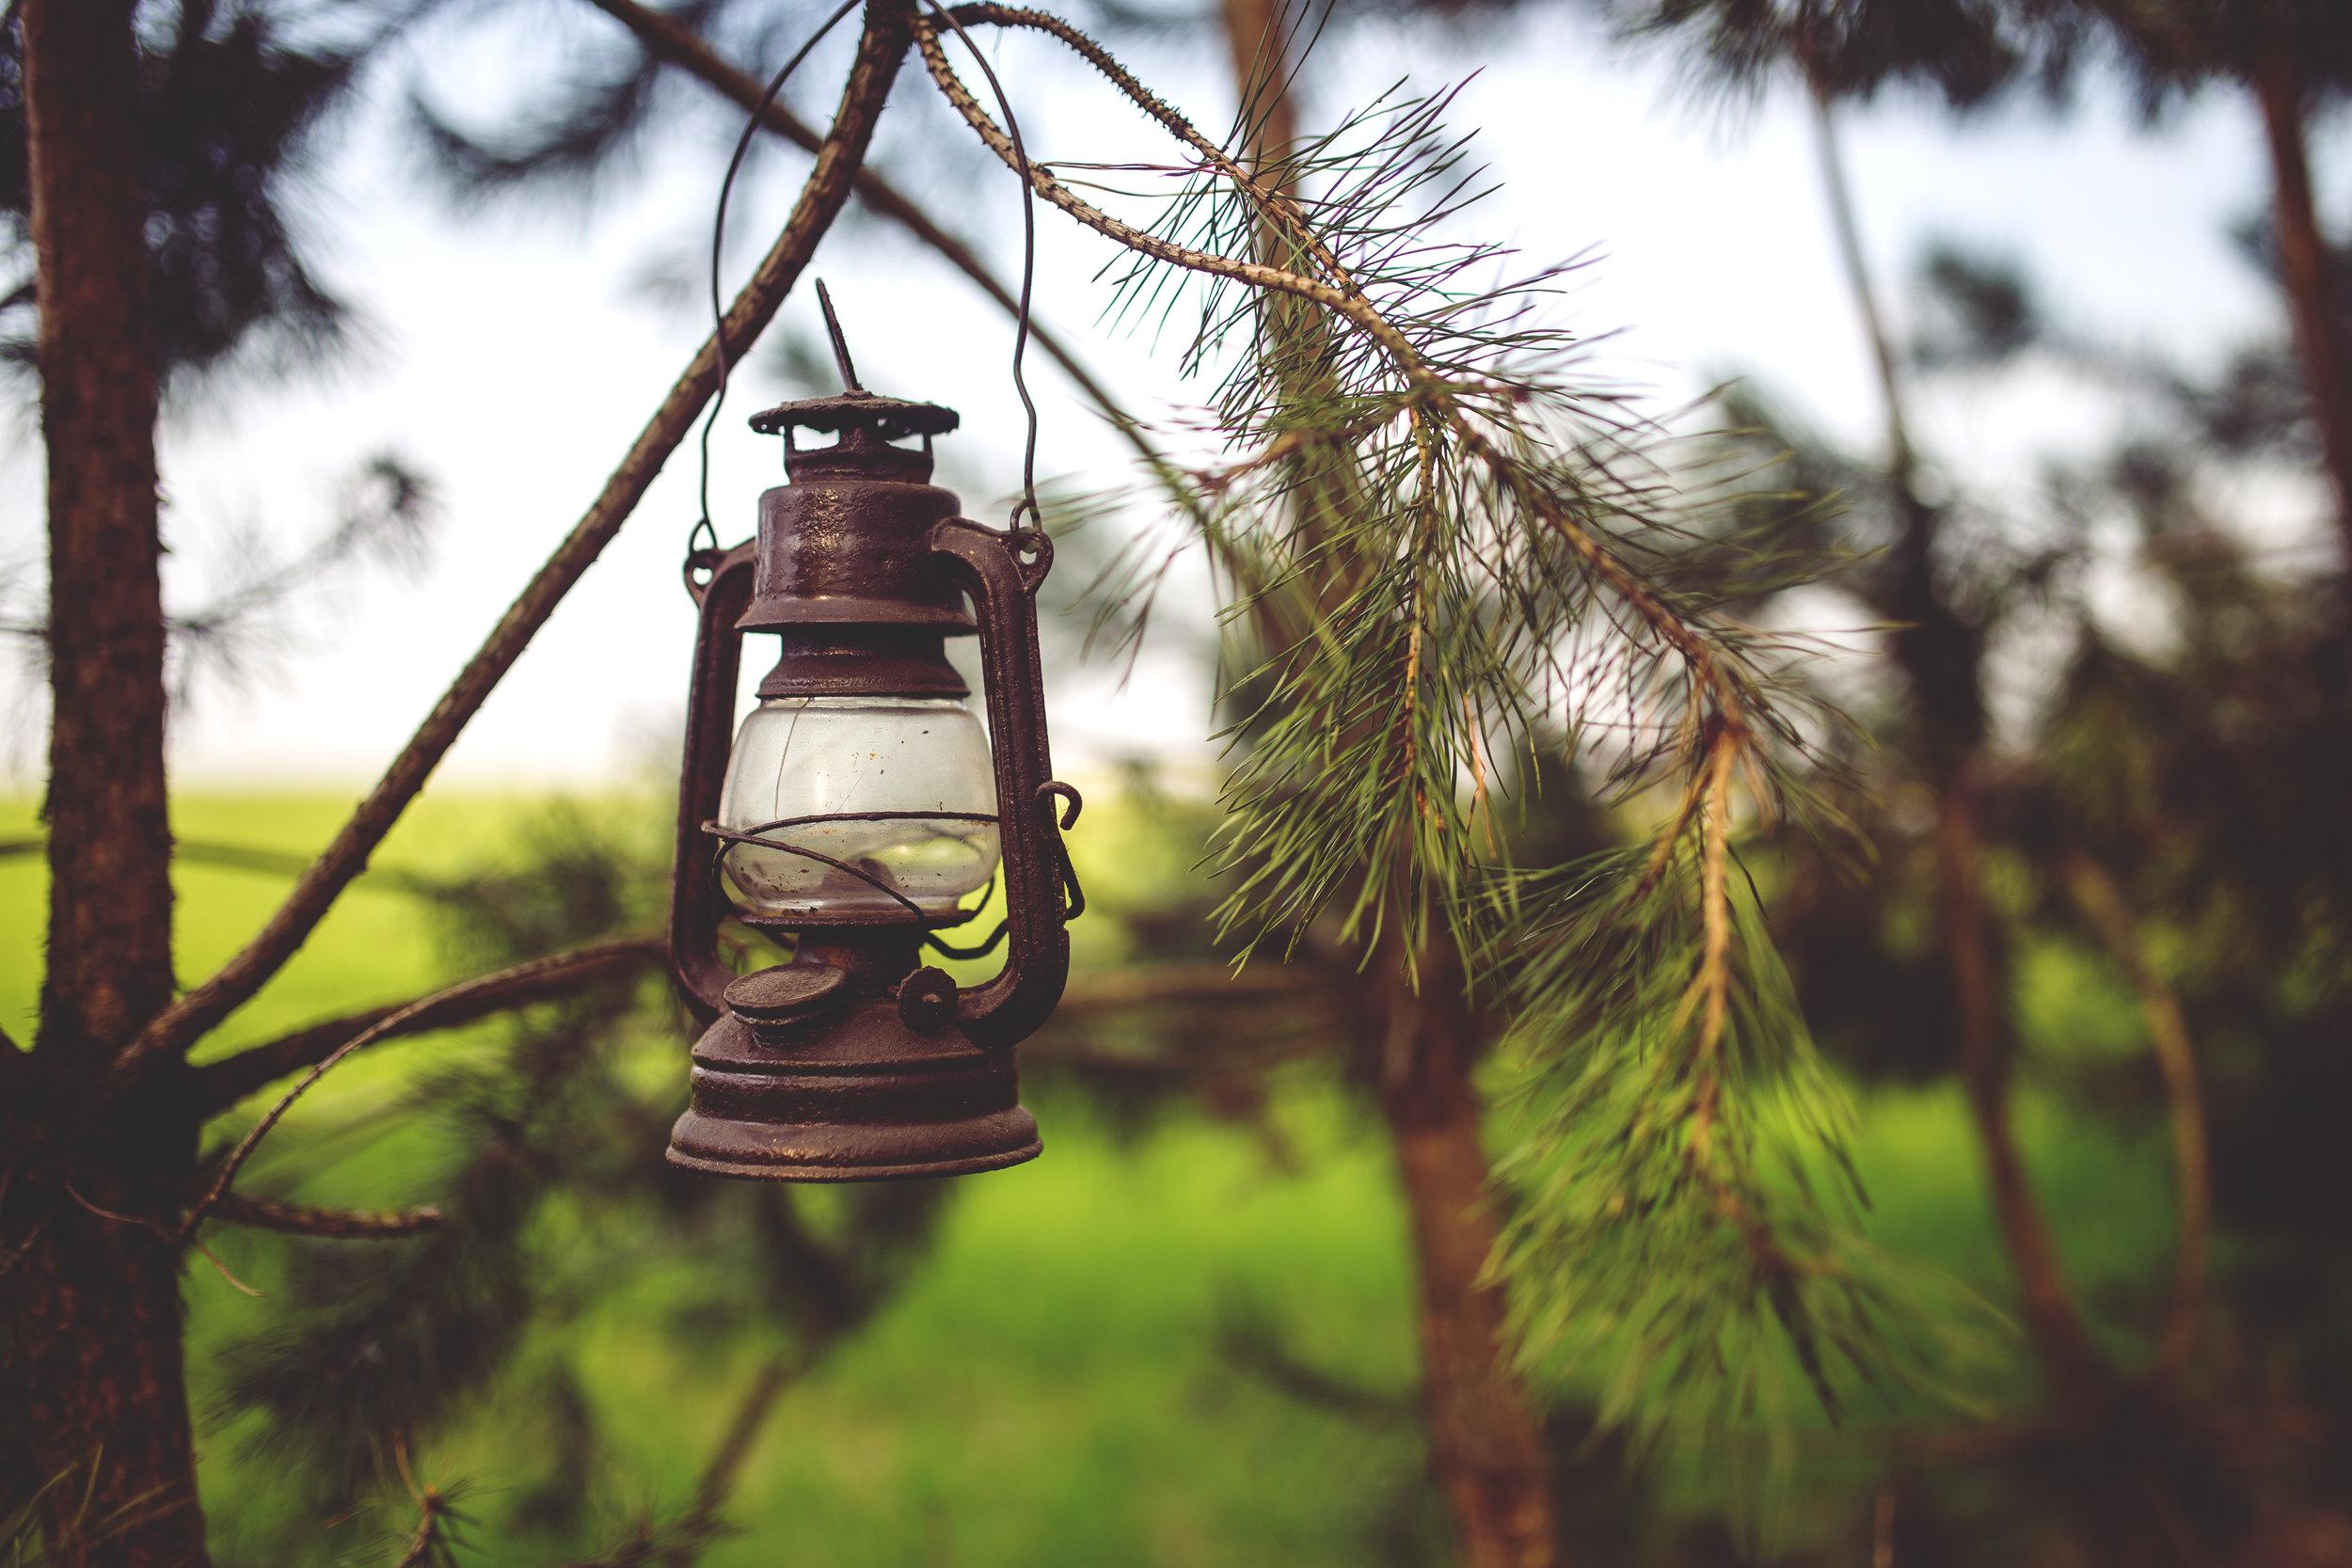 Rustic Oil Lamp